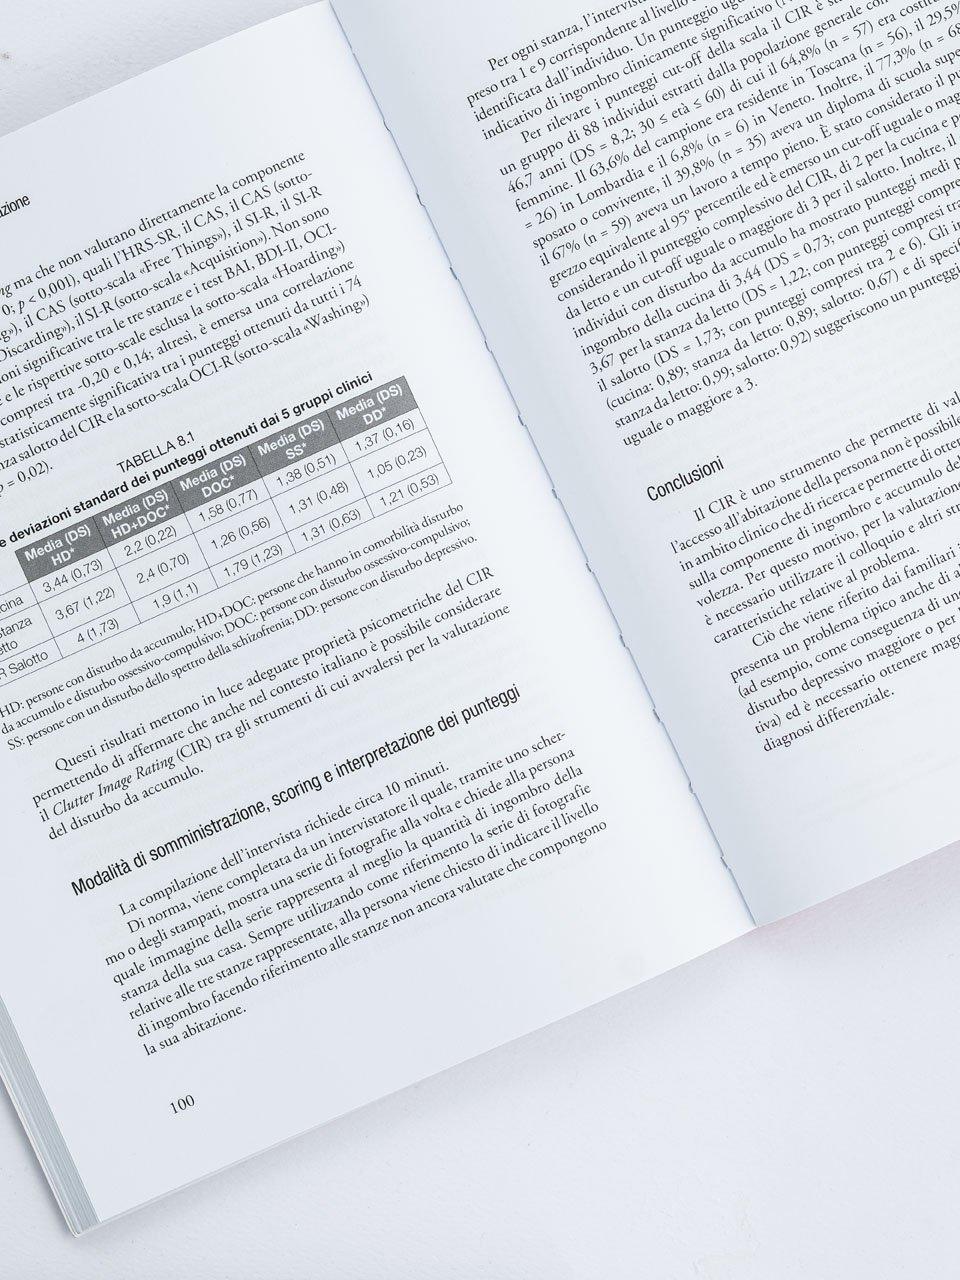 Il disturbo da accumulo e la sua valutazione - Libri - Erickson 2